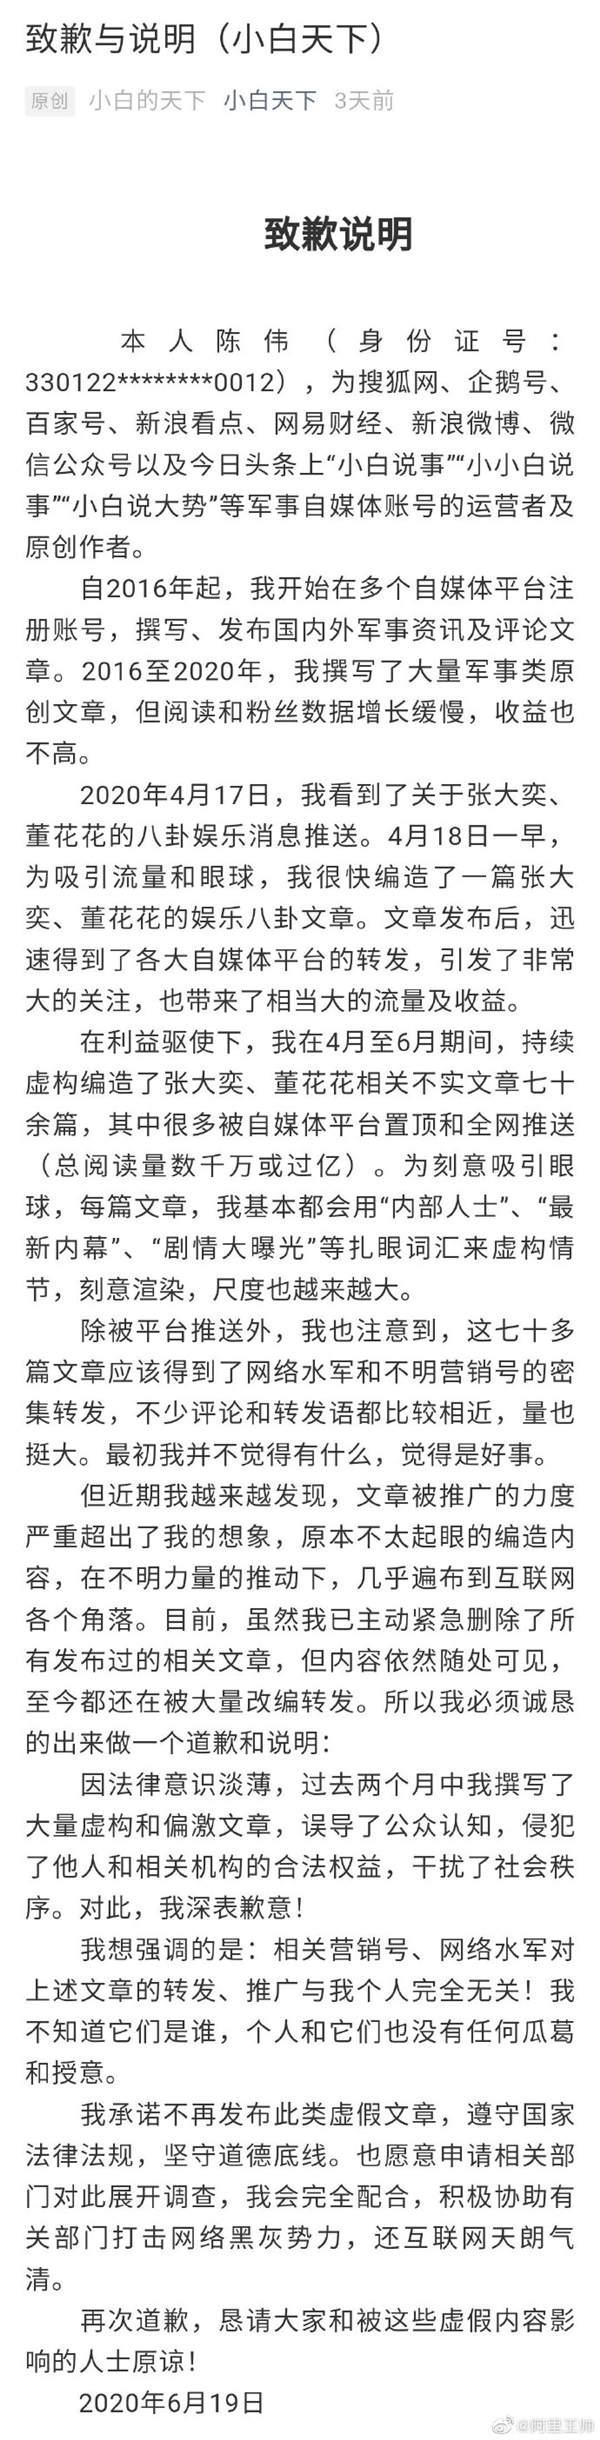 """自媒体小白天下编造70多篇""""蒋凡事件""""黑稿道歉 阿里王帅:不能接"""